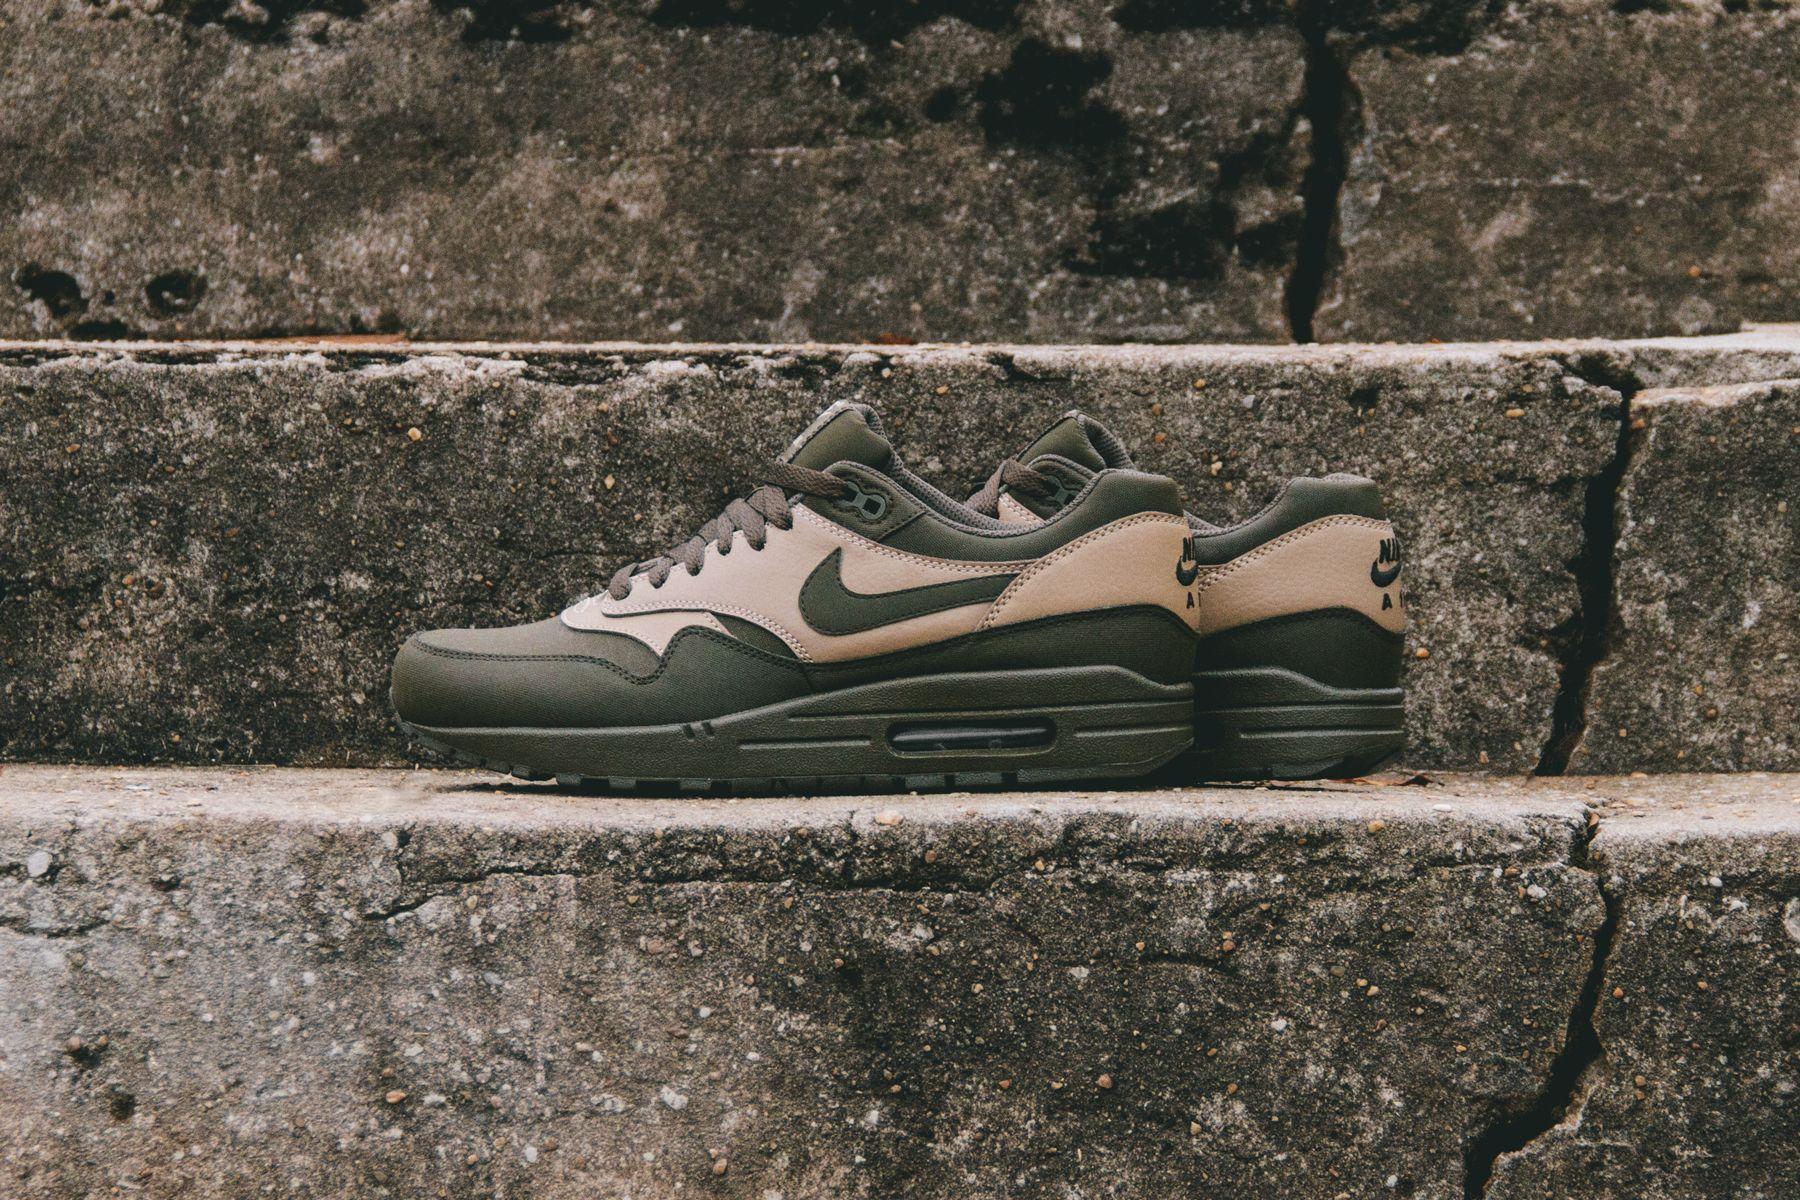 Nike Air Max 1 Dark Loden Blog 1